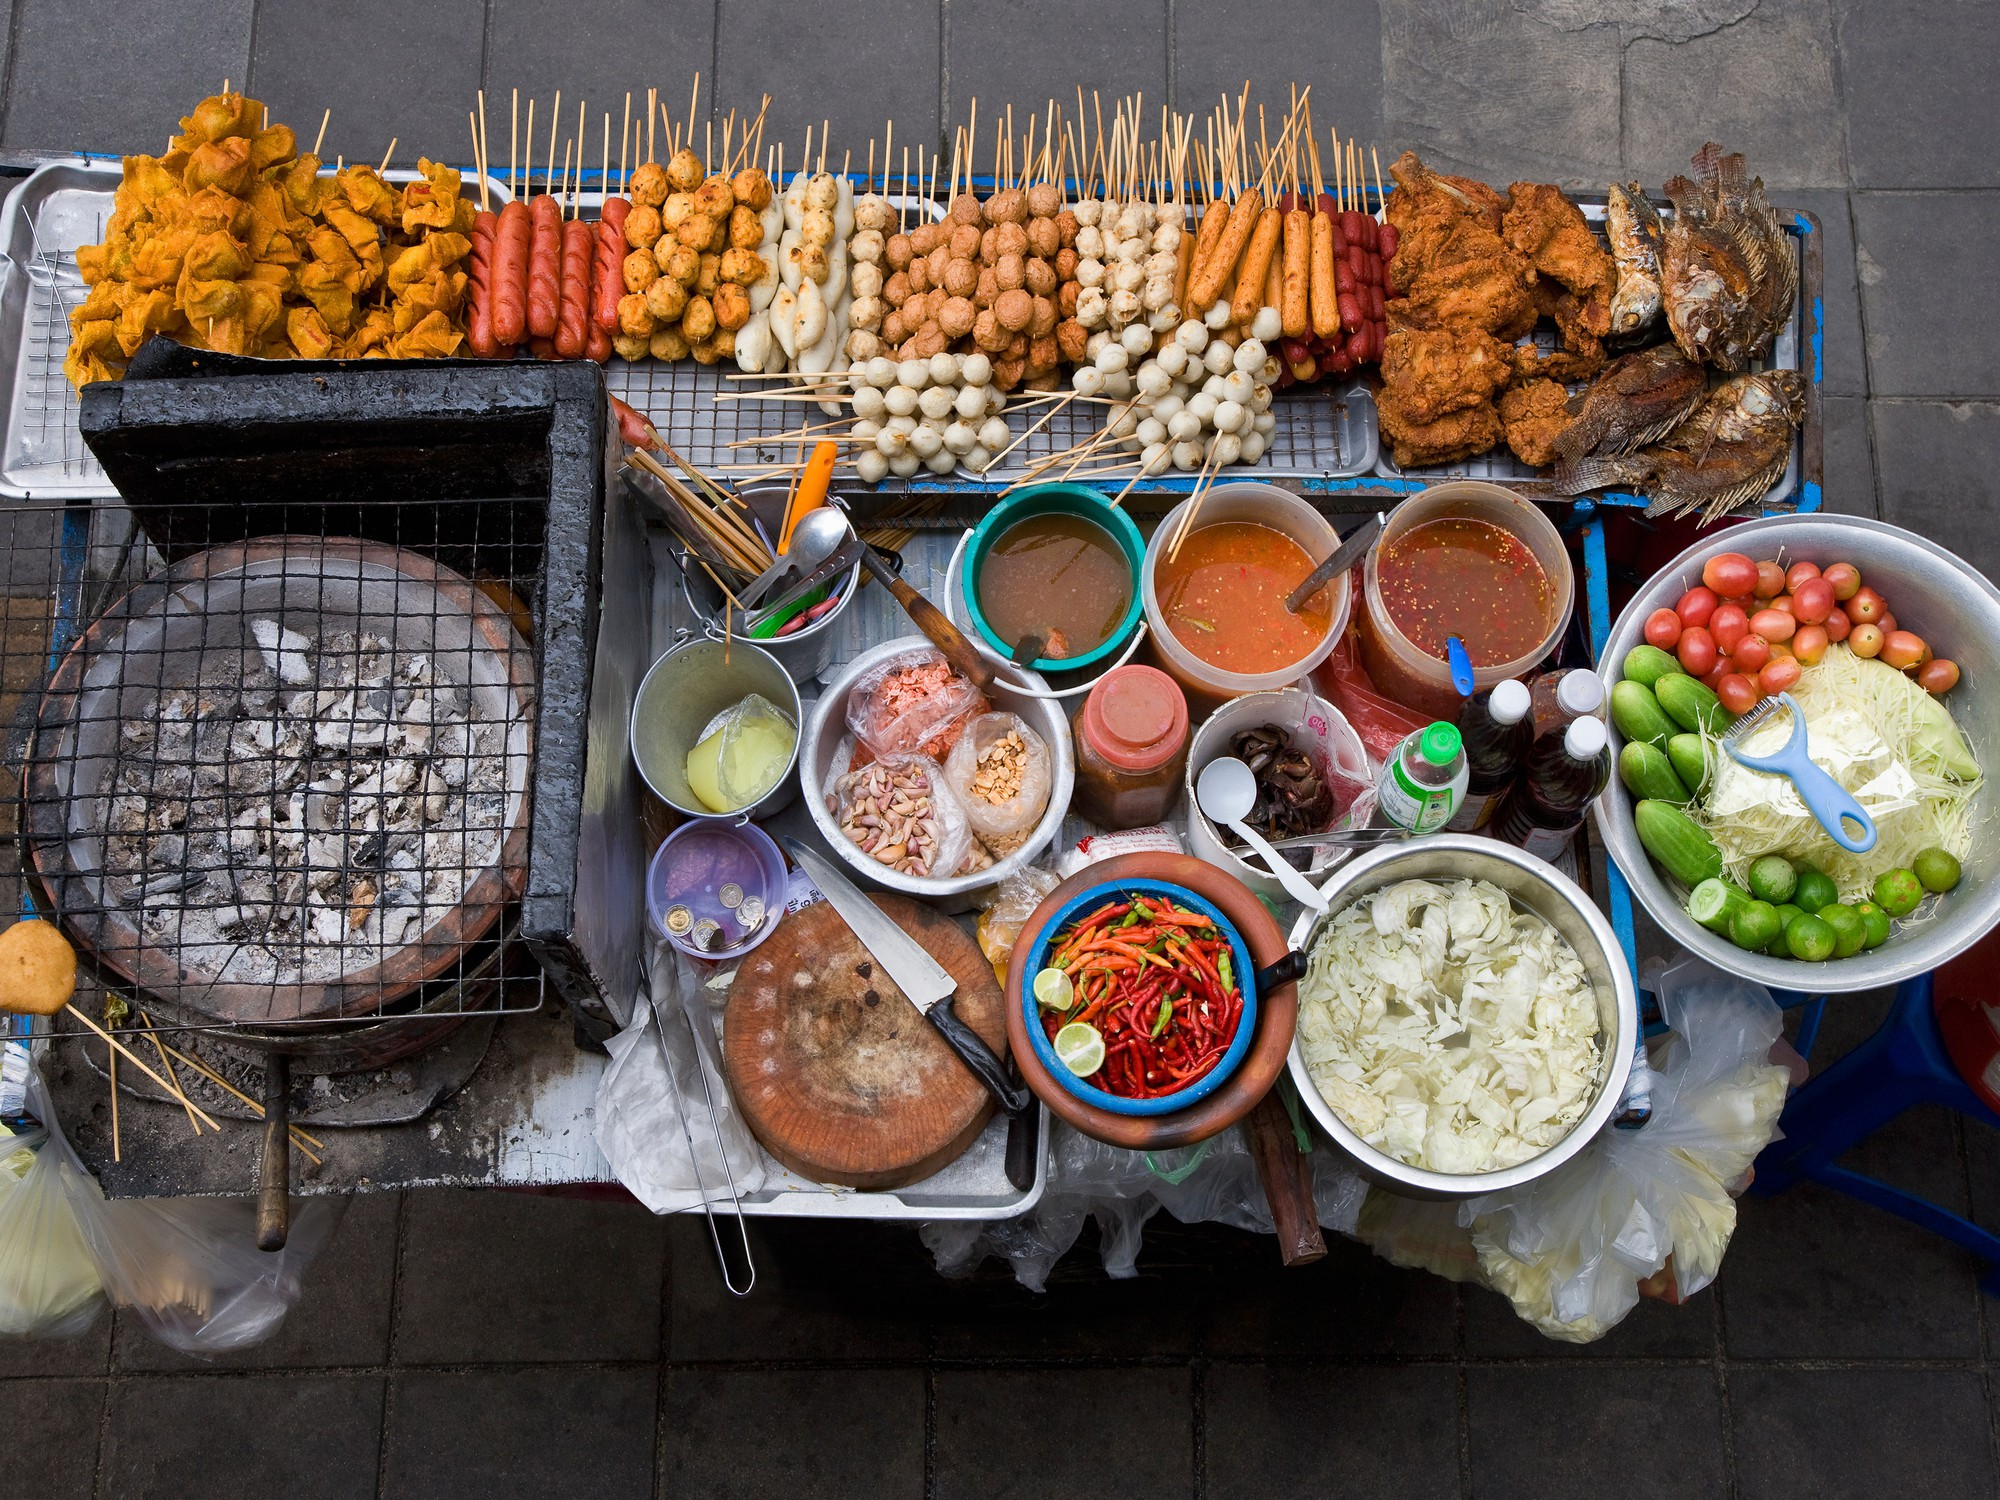 Đến Phượng Hoàng Cổ Trấn đừng chỉ mải mê chụp ảnh mà hãy thưởng thức trọn vẹn nền ẩm thực đặc sắc tại nơi đây - Ảnh 7.